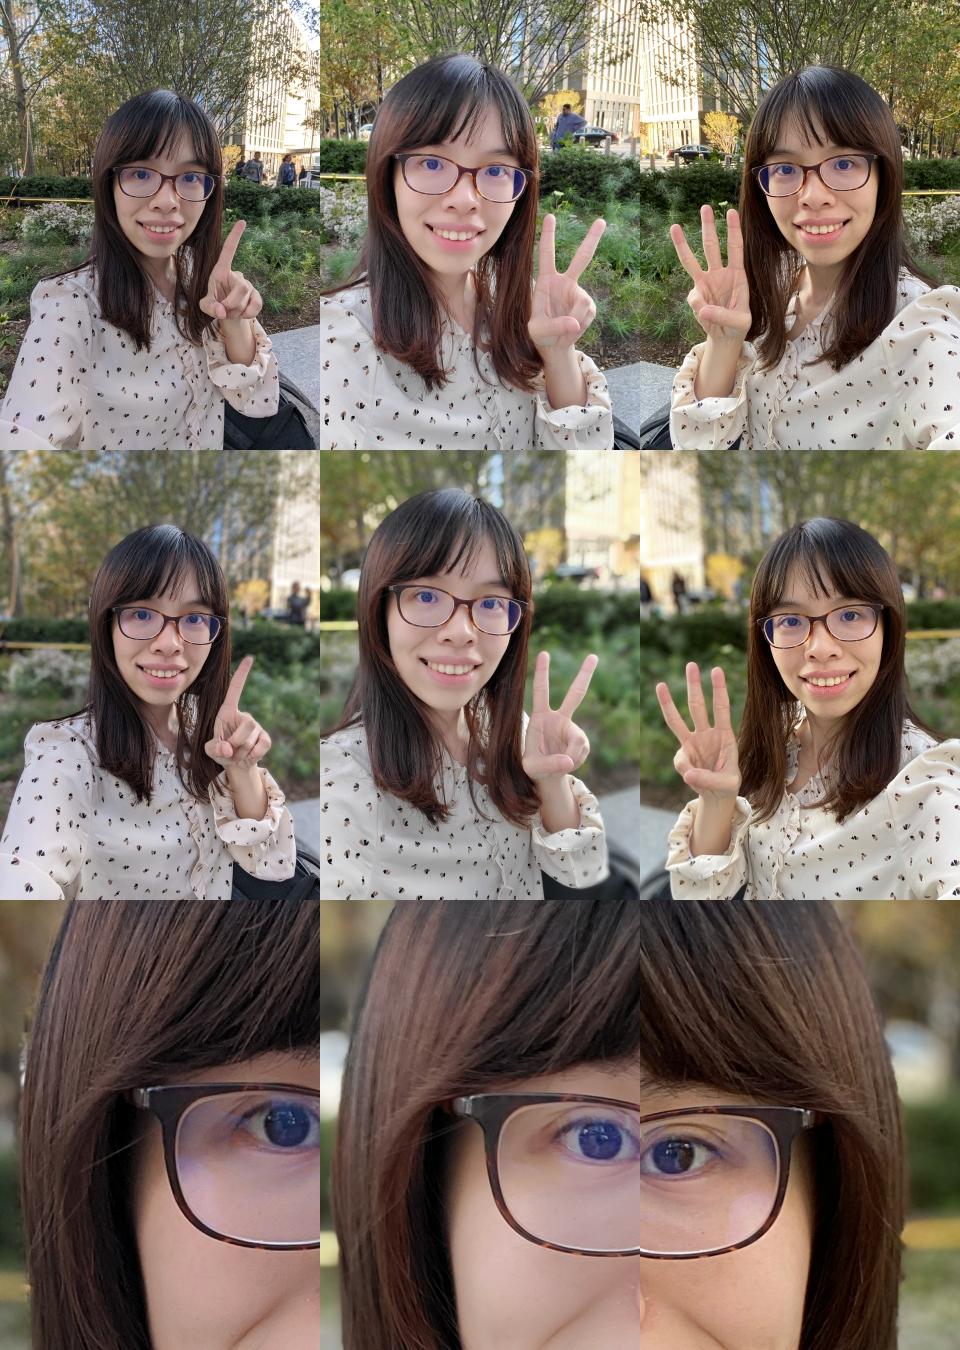 照片排序左至右為 Google Pixel 4 XL、Samsung Galaxy Note10+、iPhone 11 Pro。由上而下分別為一般模式、肖像/景深模式、肖像/景深模式局部裁切。